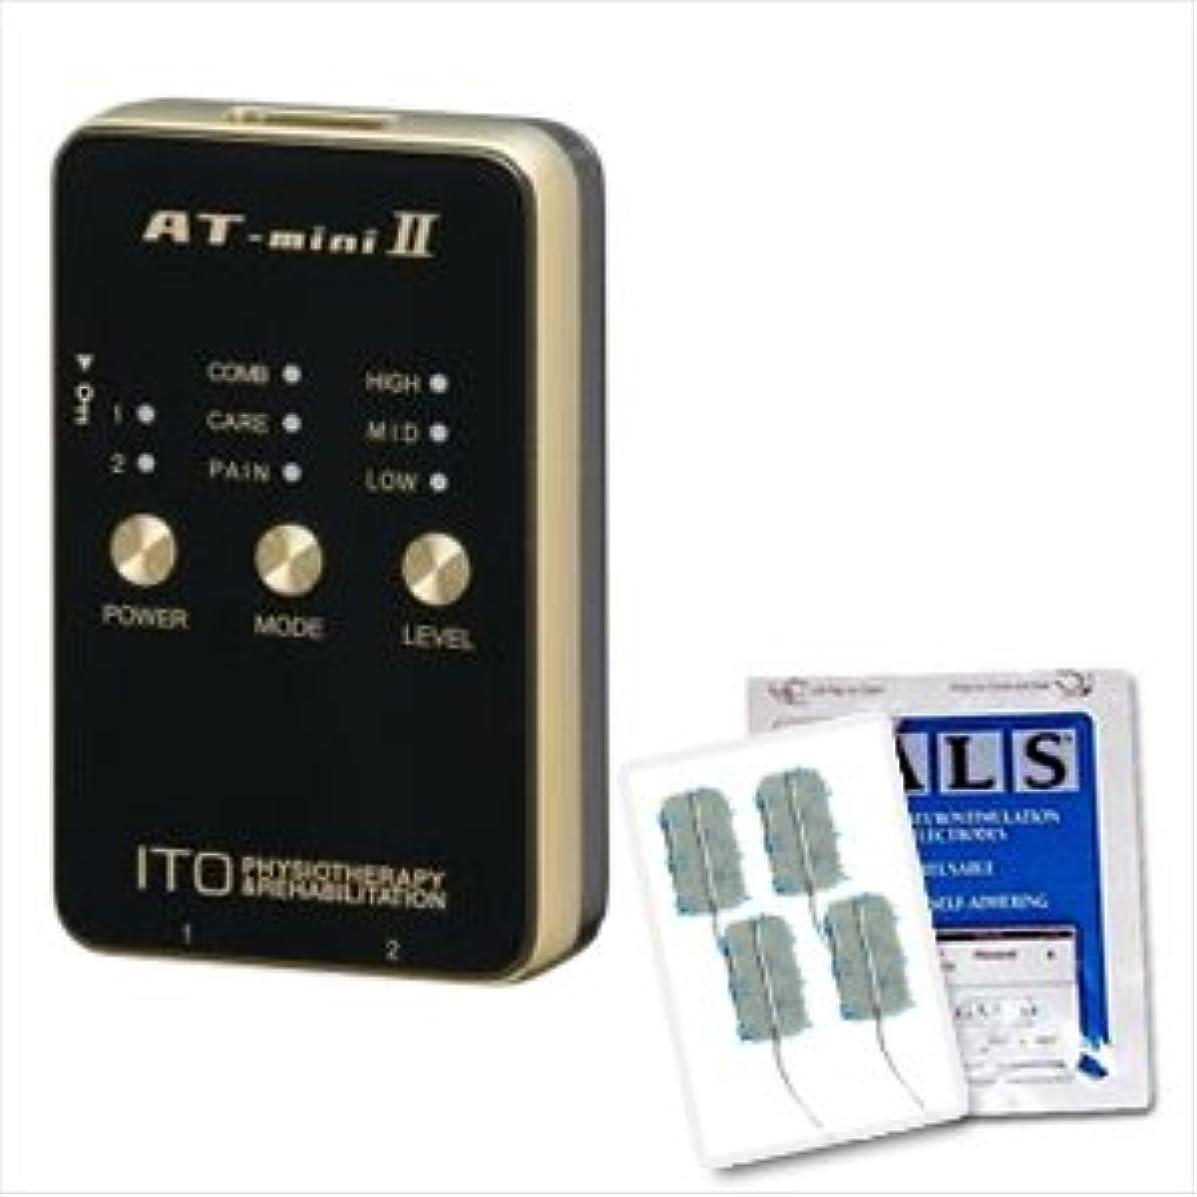 それに応じてとは異なり組み合わせる低周波治療器 AT-mini II ブラック +アクセルガードLサイズ(5x9cm:1袋4枚入)セット